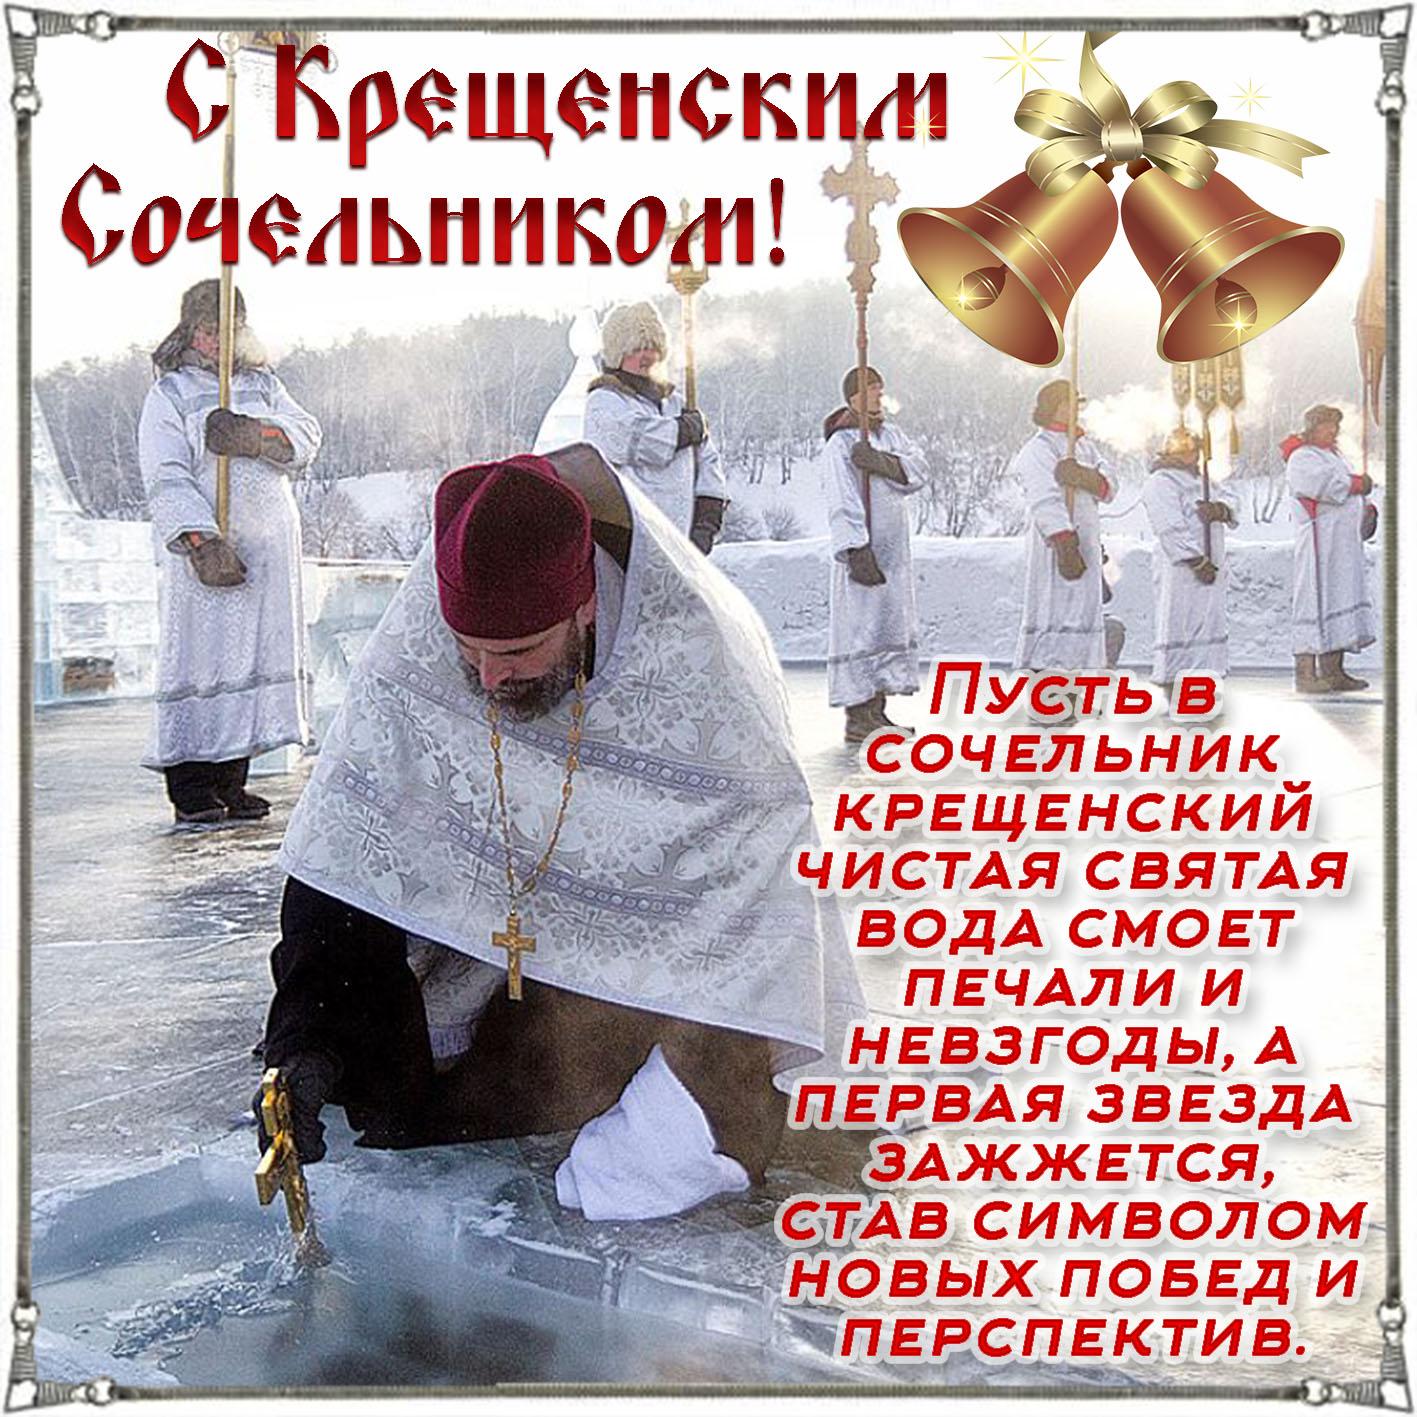 Открытка - священник с крестом у проруби в Сочельник